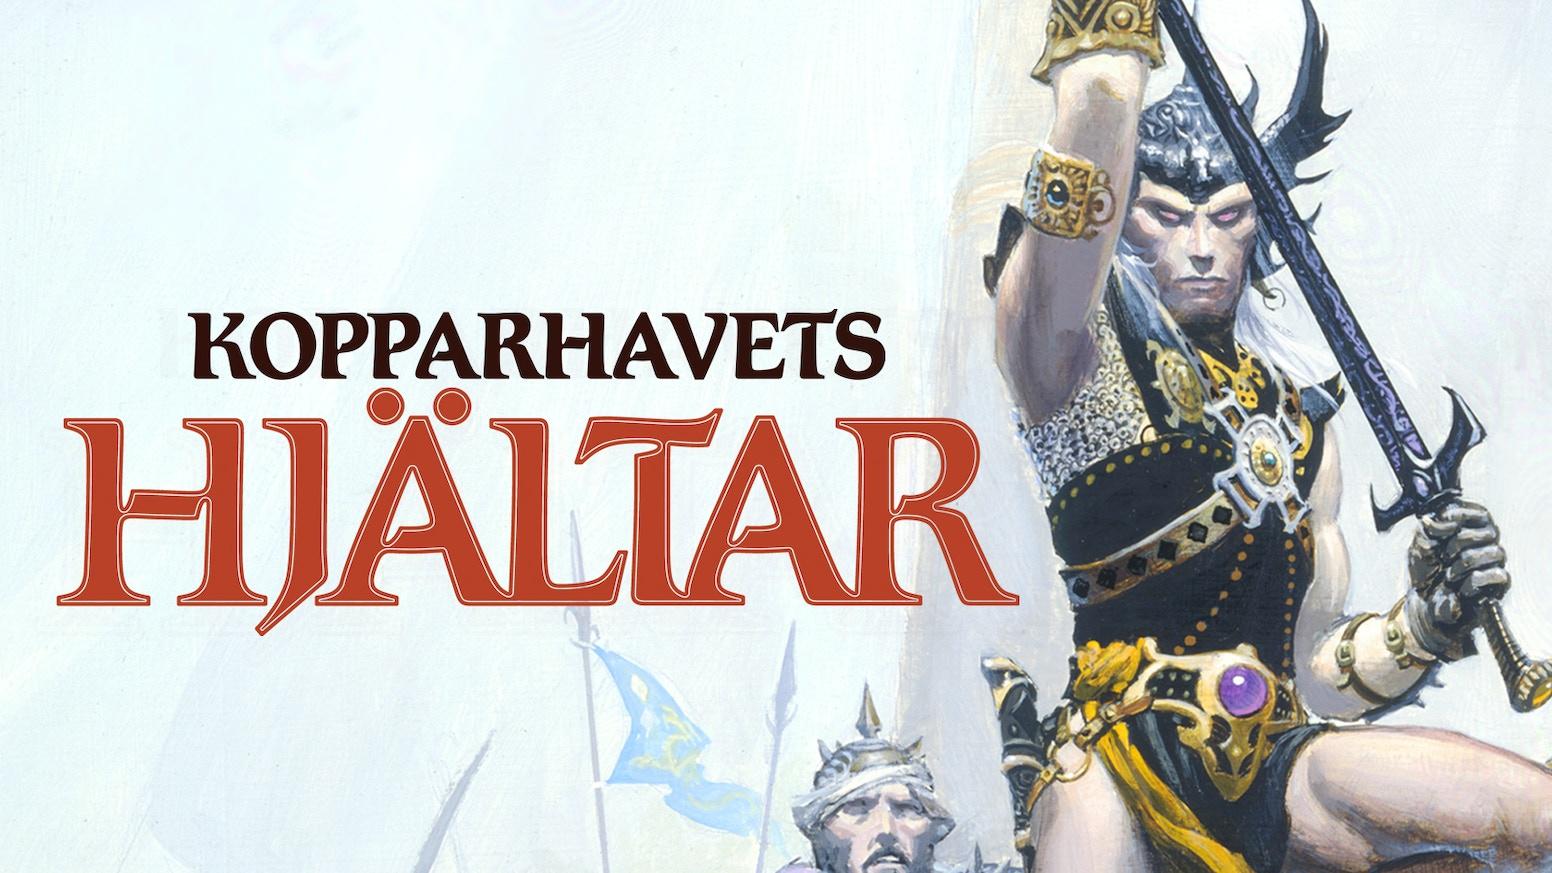 Ett nytt rollspel i Kopparhavet bland klassiska rollspelsmiljöer skapade av titaner som Anders Blixt och Erik Granström.